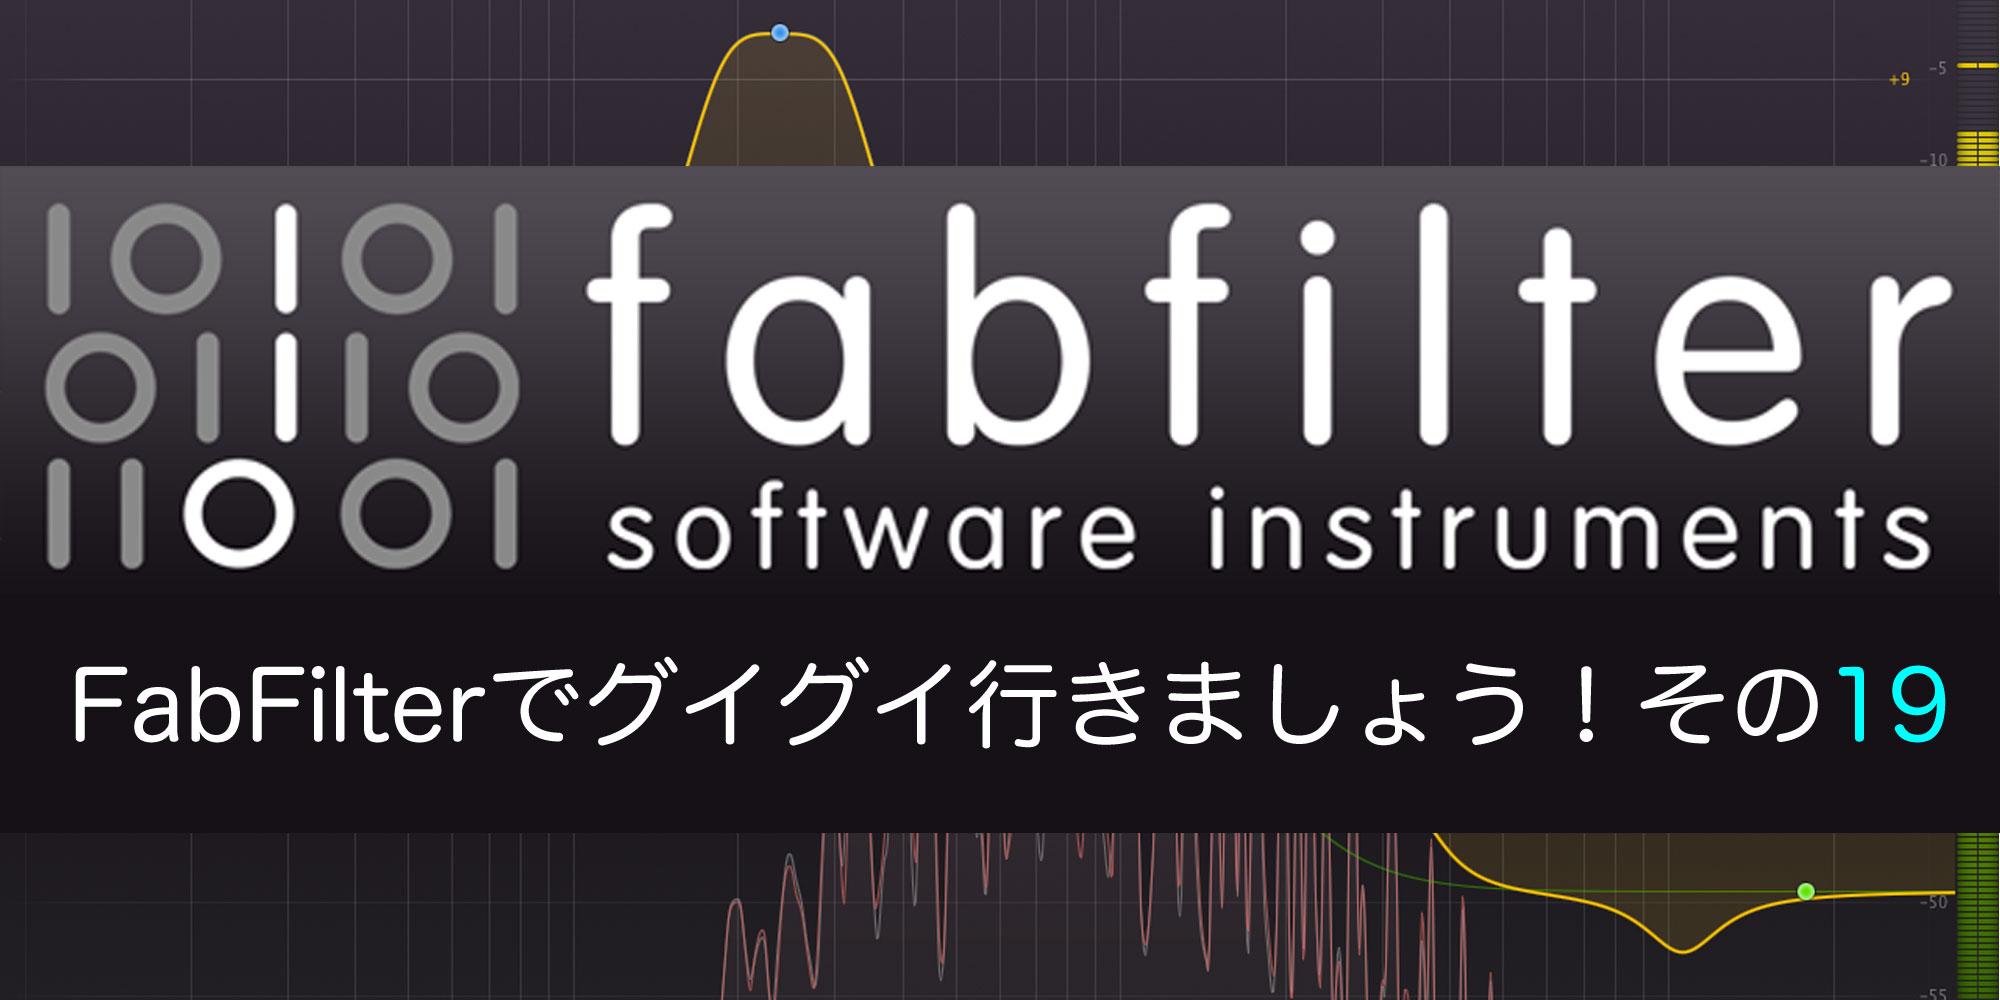 【連載】FabFilterでグイグイ行きましょう!vol.19